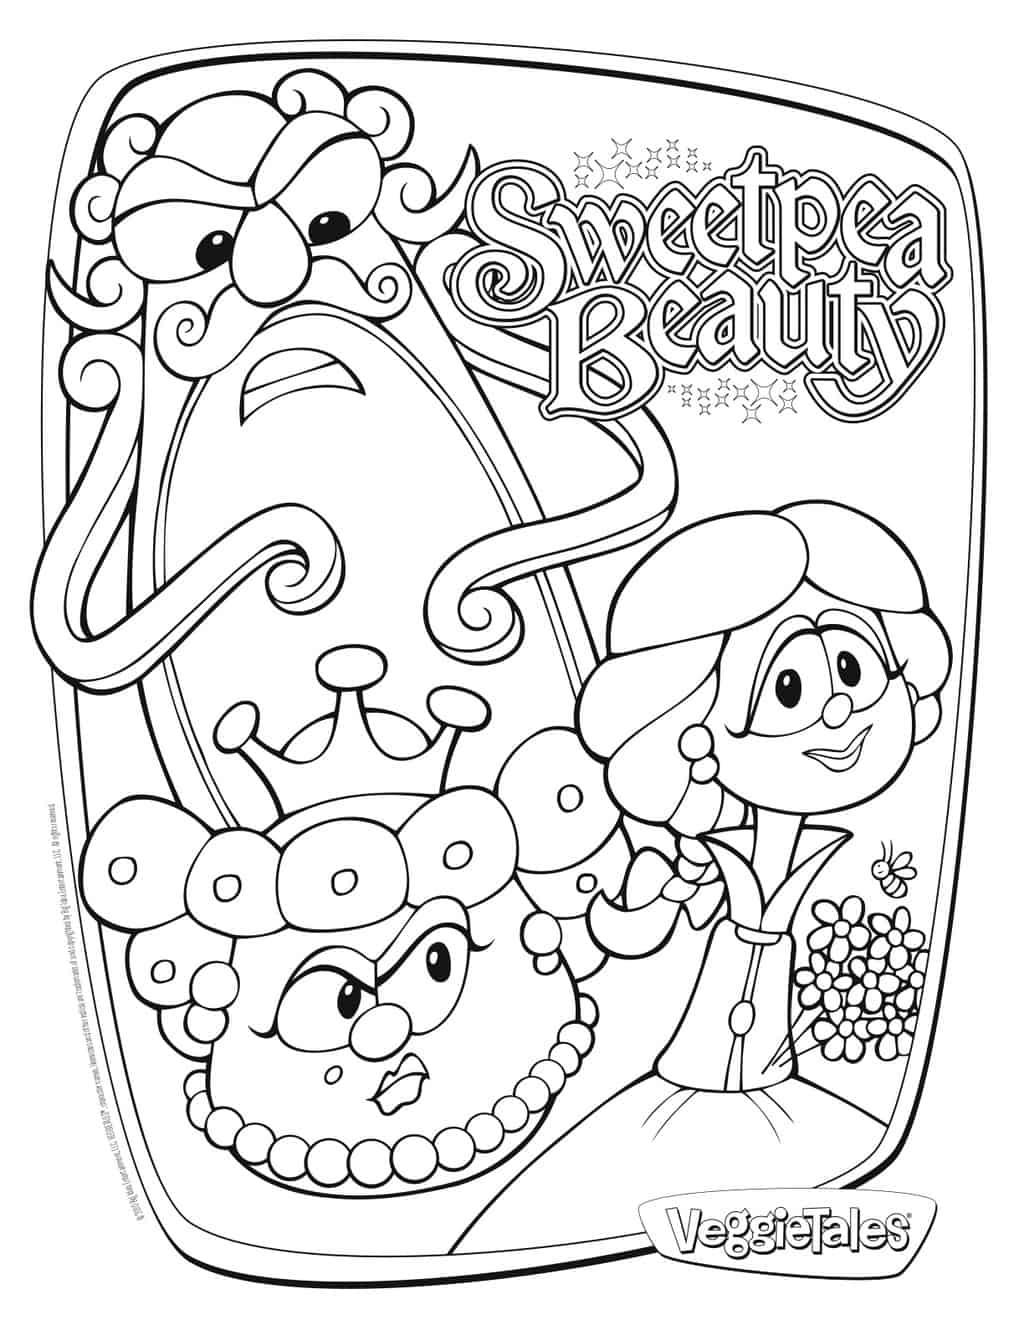 Sweetpea Beauty